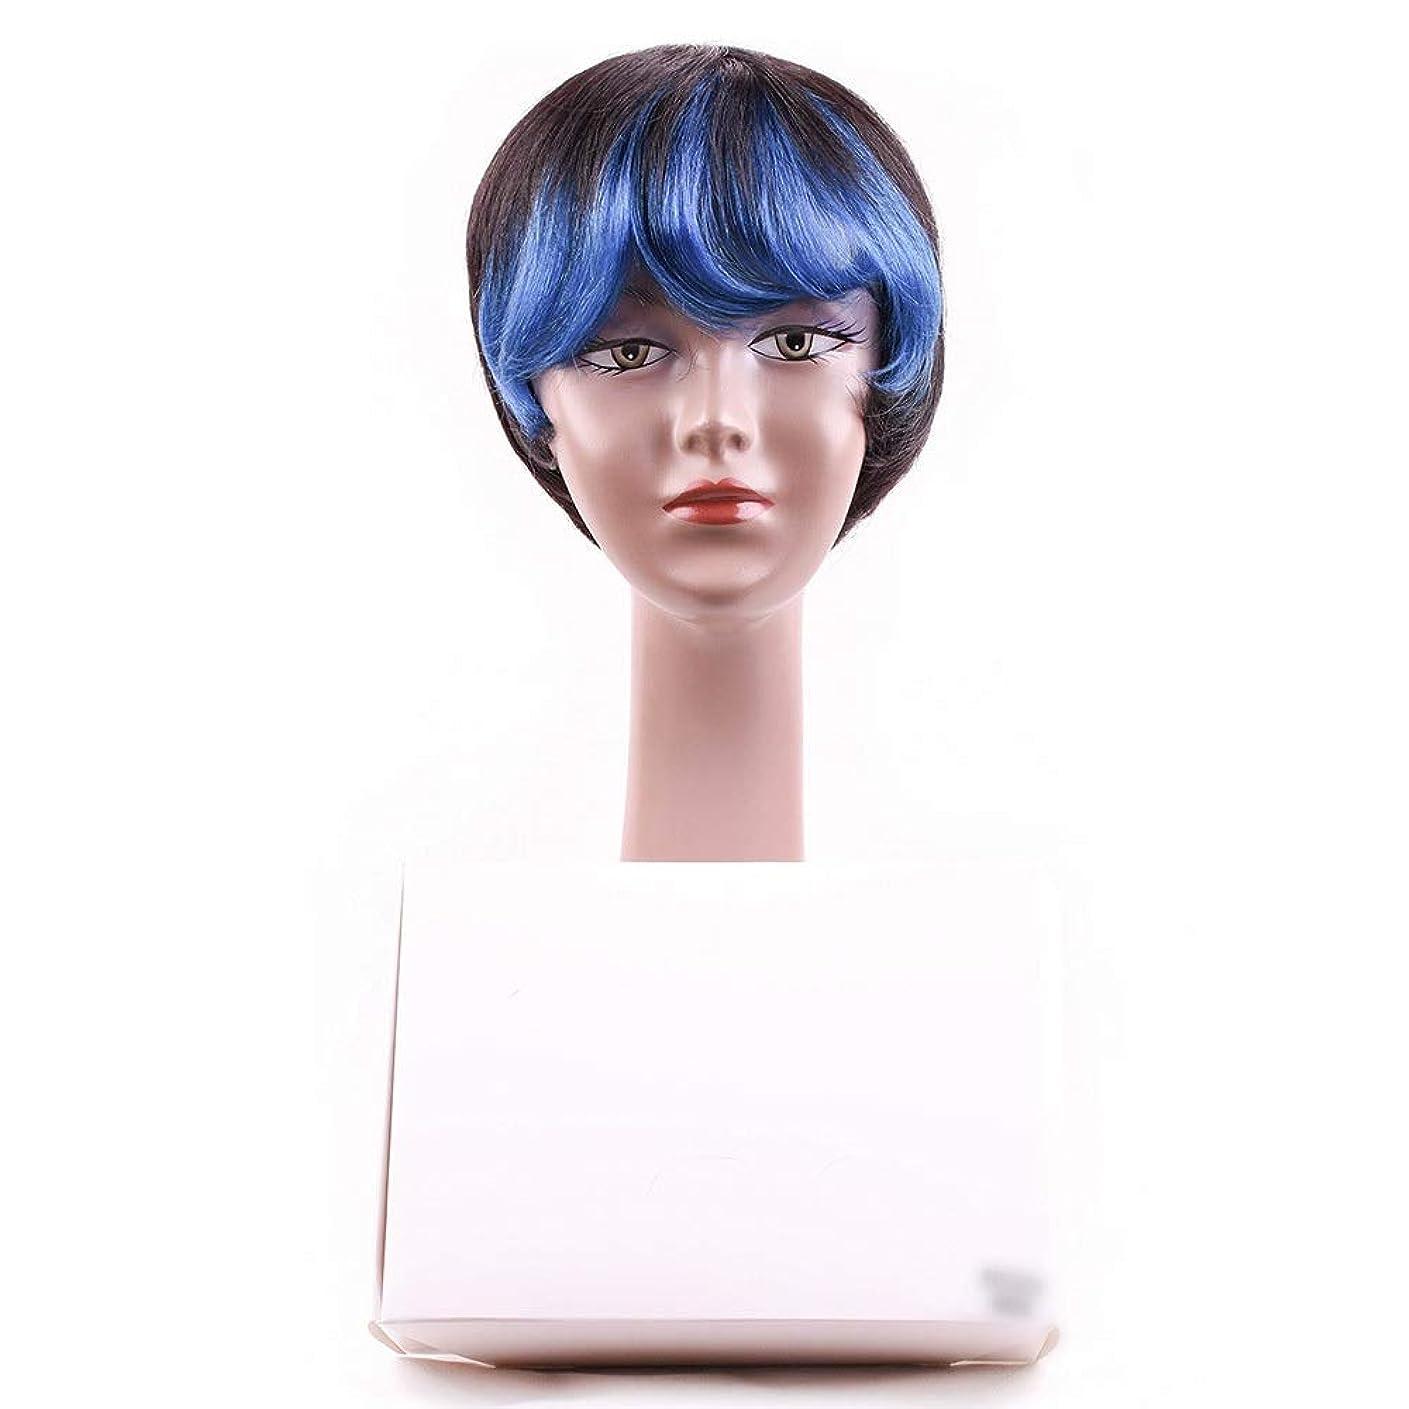 五十感謝祭治安判事Mayalina 女性の人間の髪の毛ショートボブかつら前髪付きかつらコスプレパーティーかつらロールプレイングかつら女性用かつら (色 : 青)